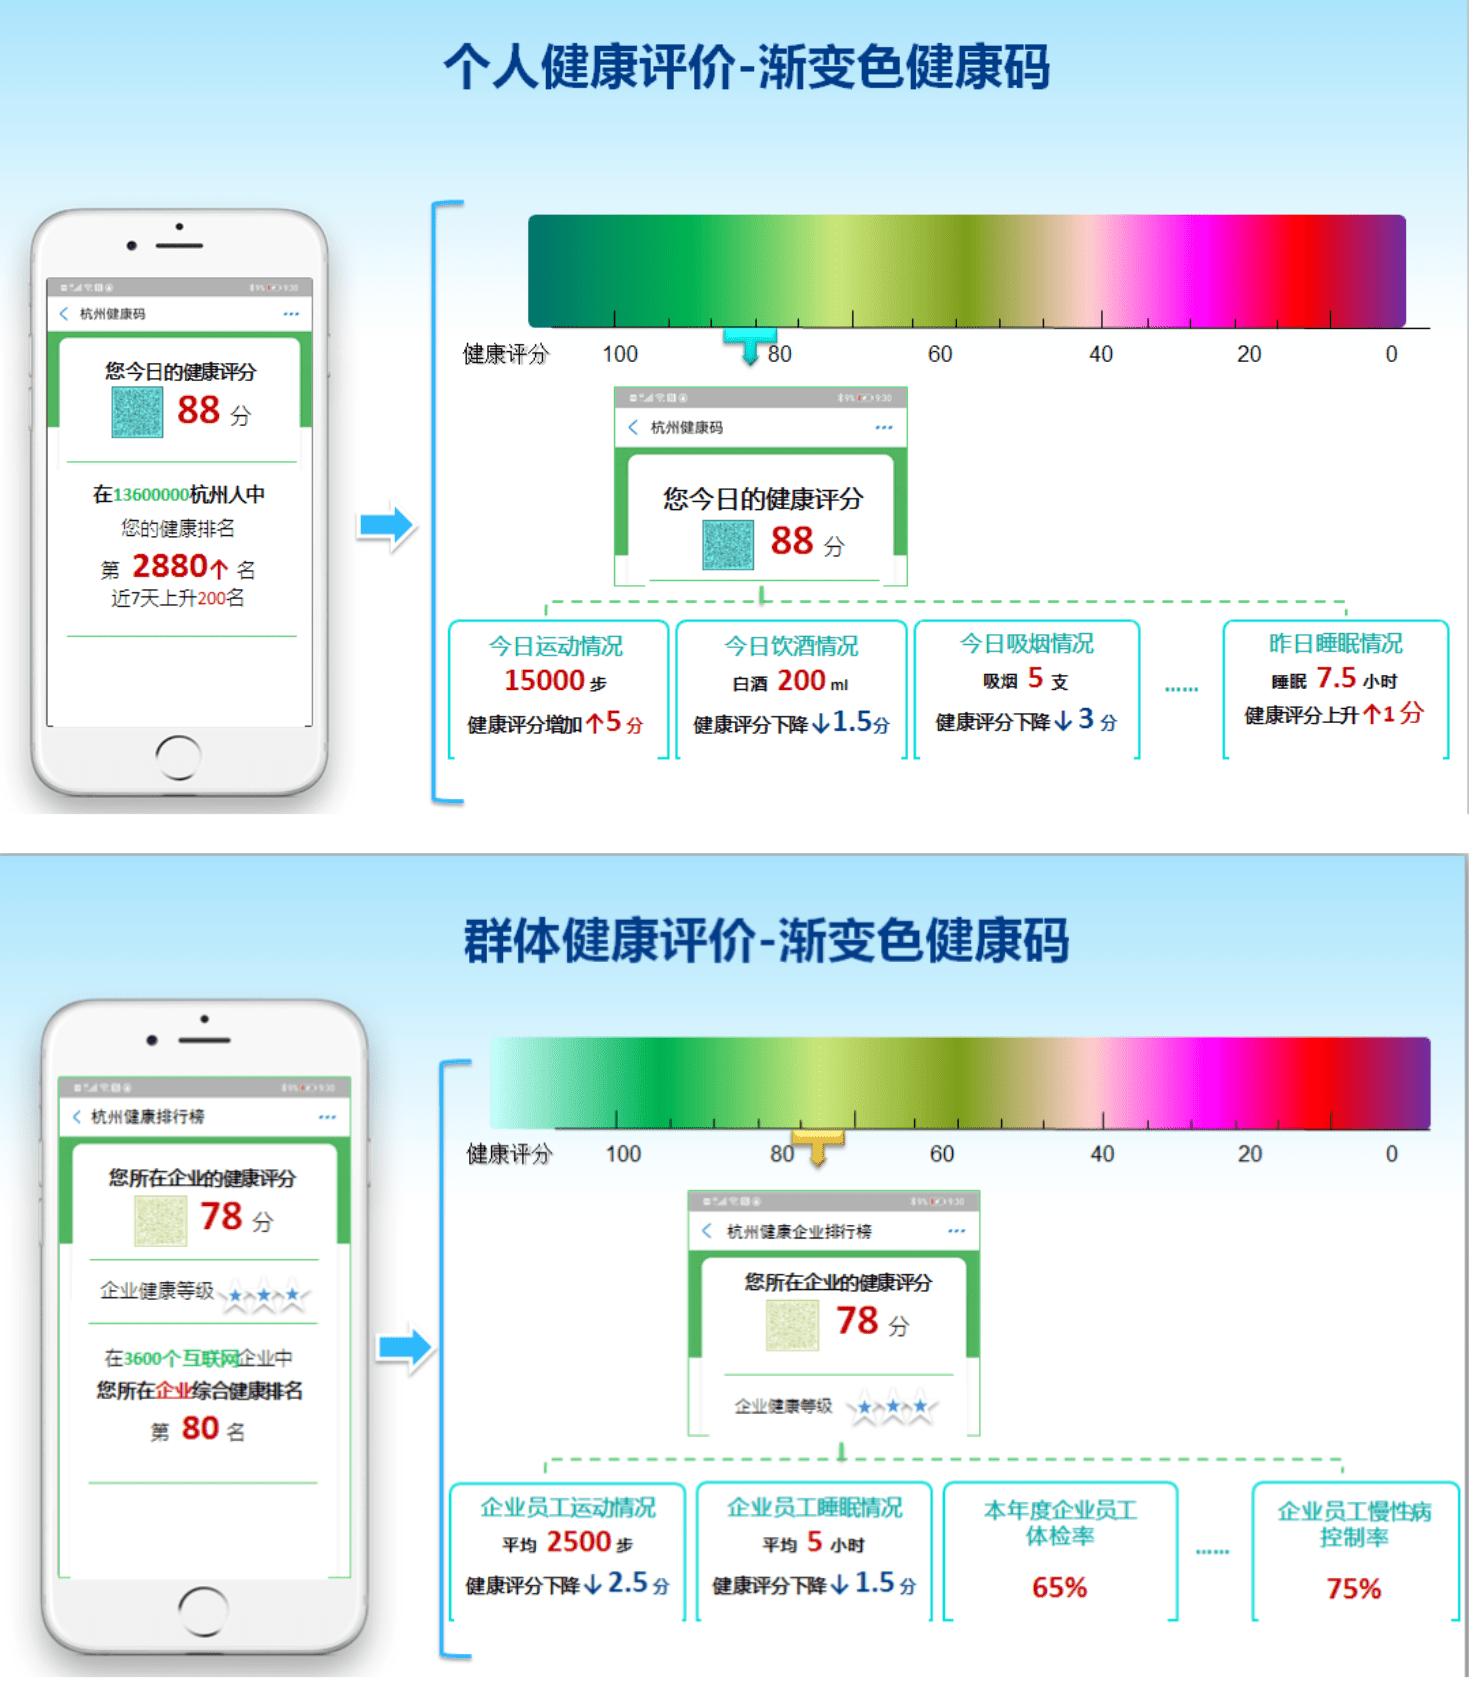 杭州探索健康码常态化应用抽烟睡眠纳入评分回应:还只是设想